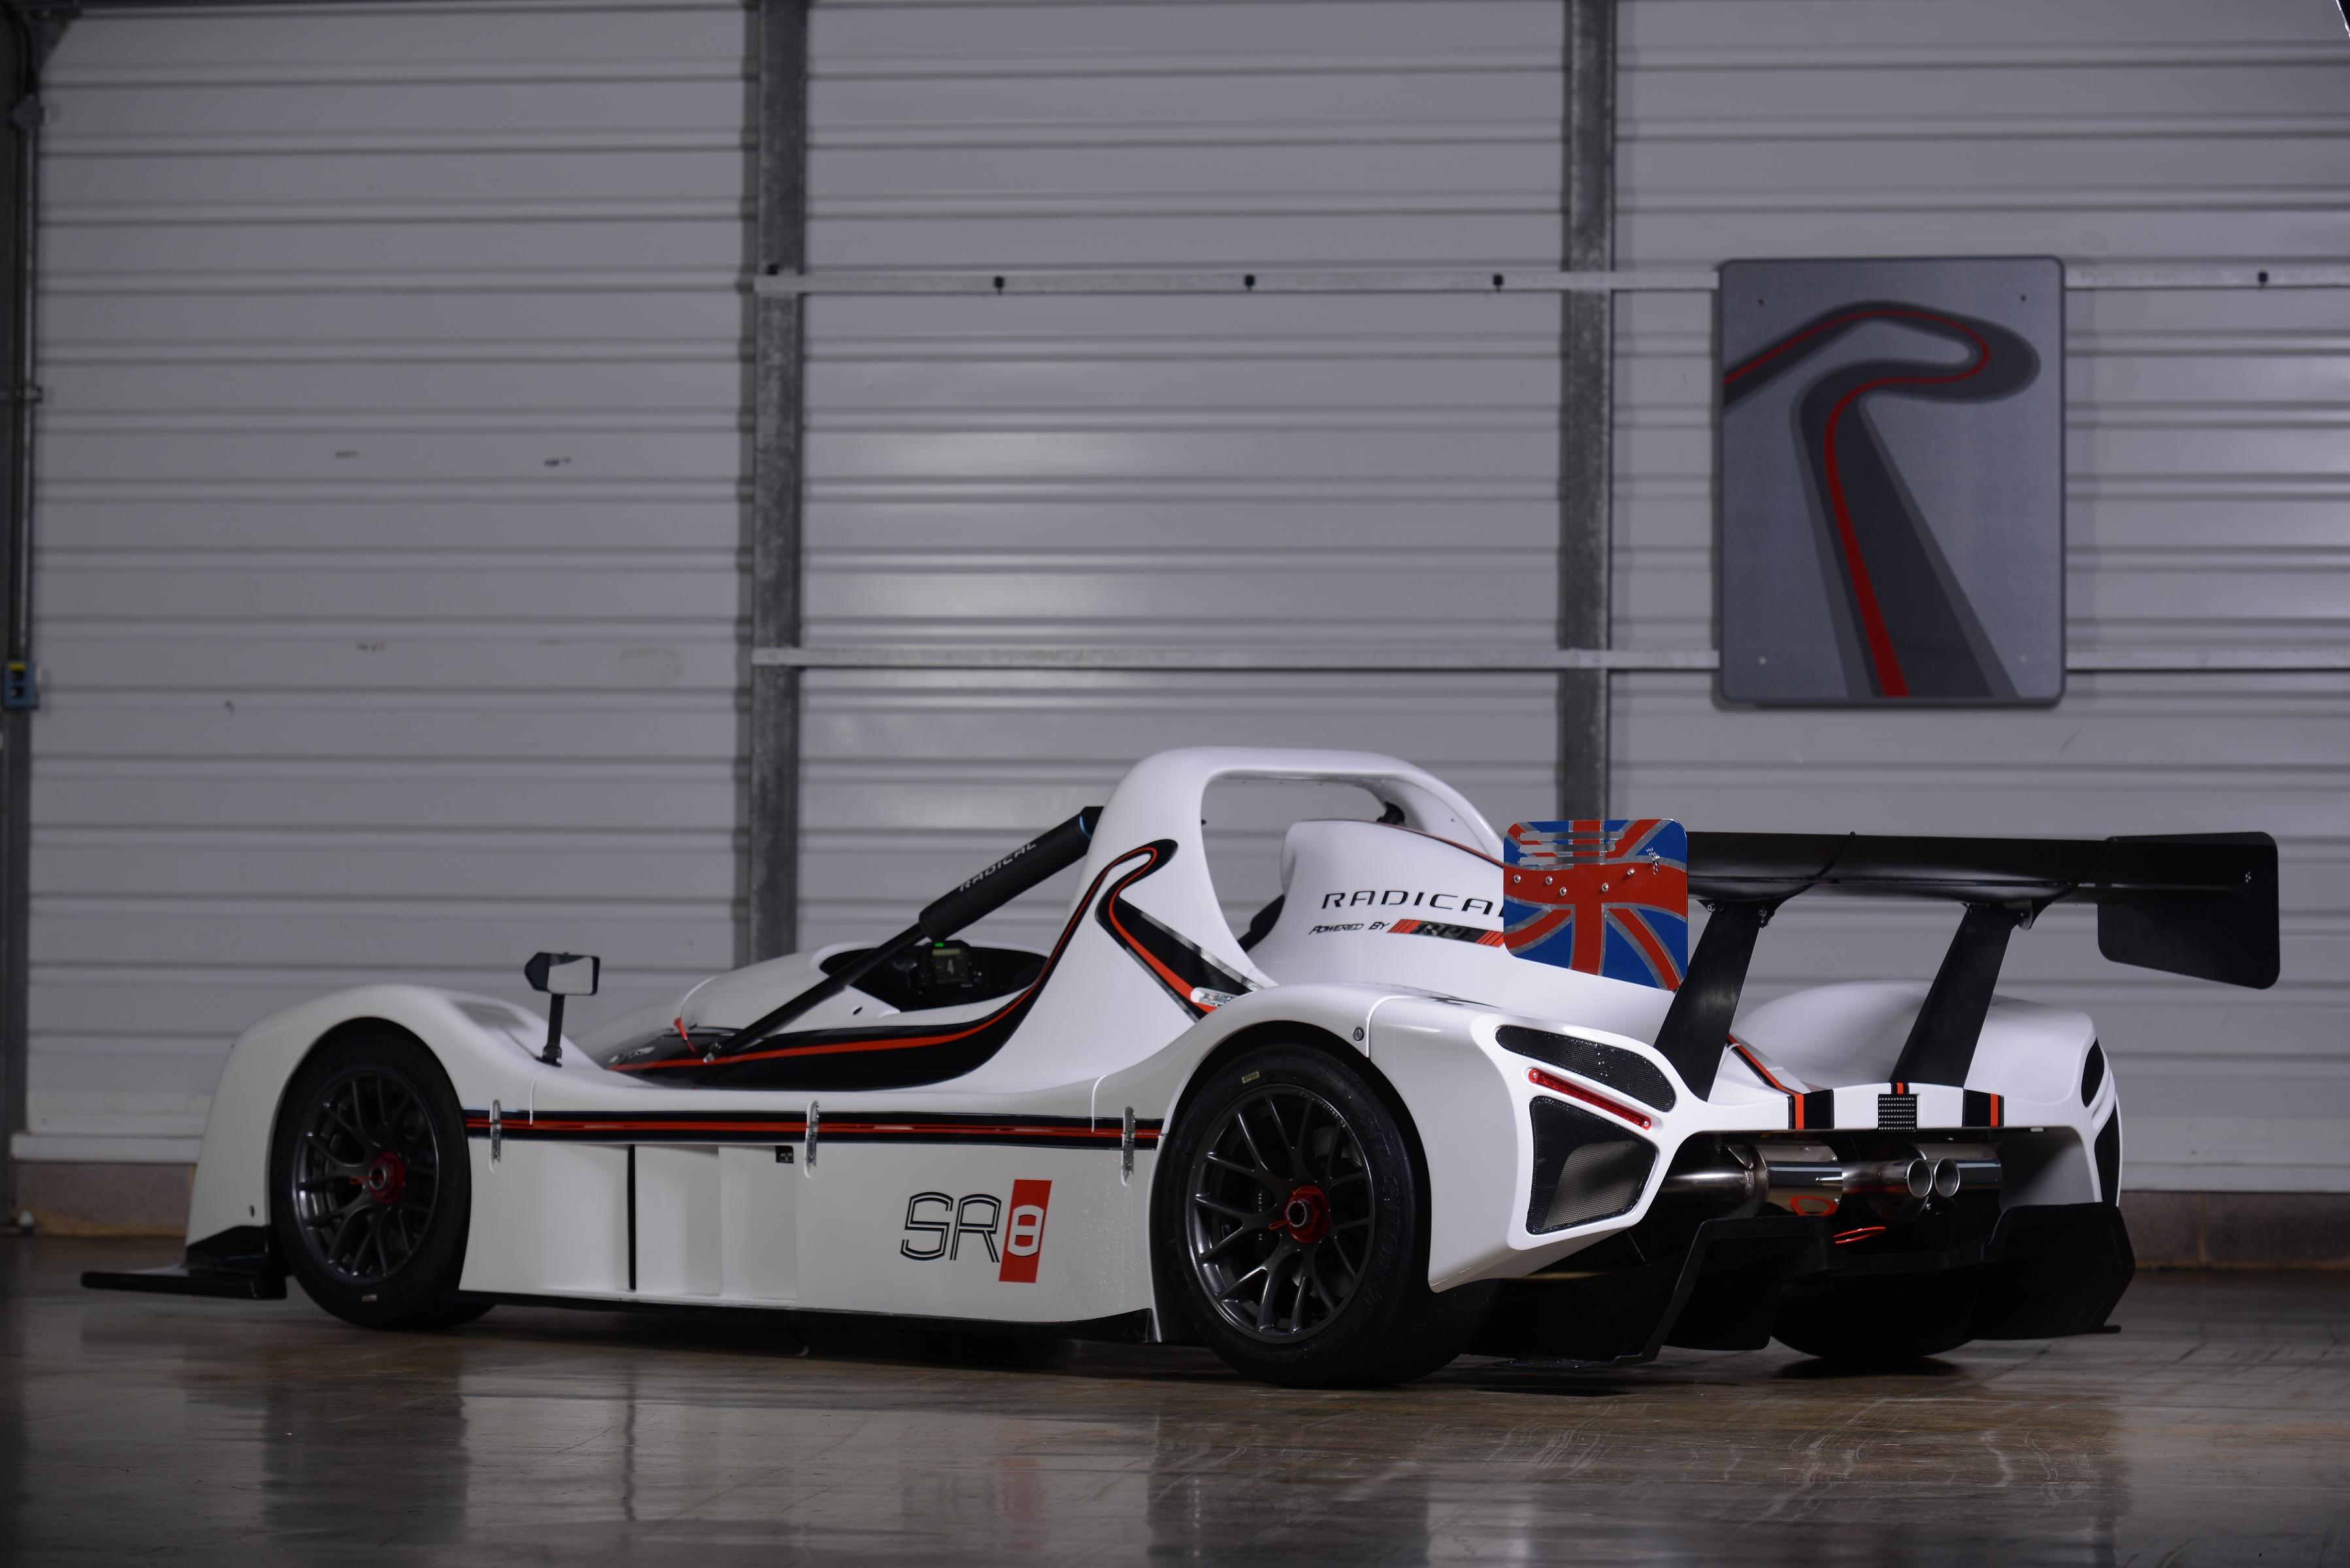 Radical Cars | WISKO Racing Enterprises